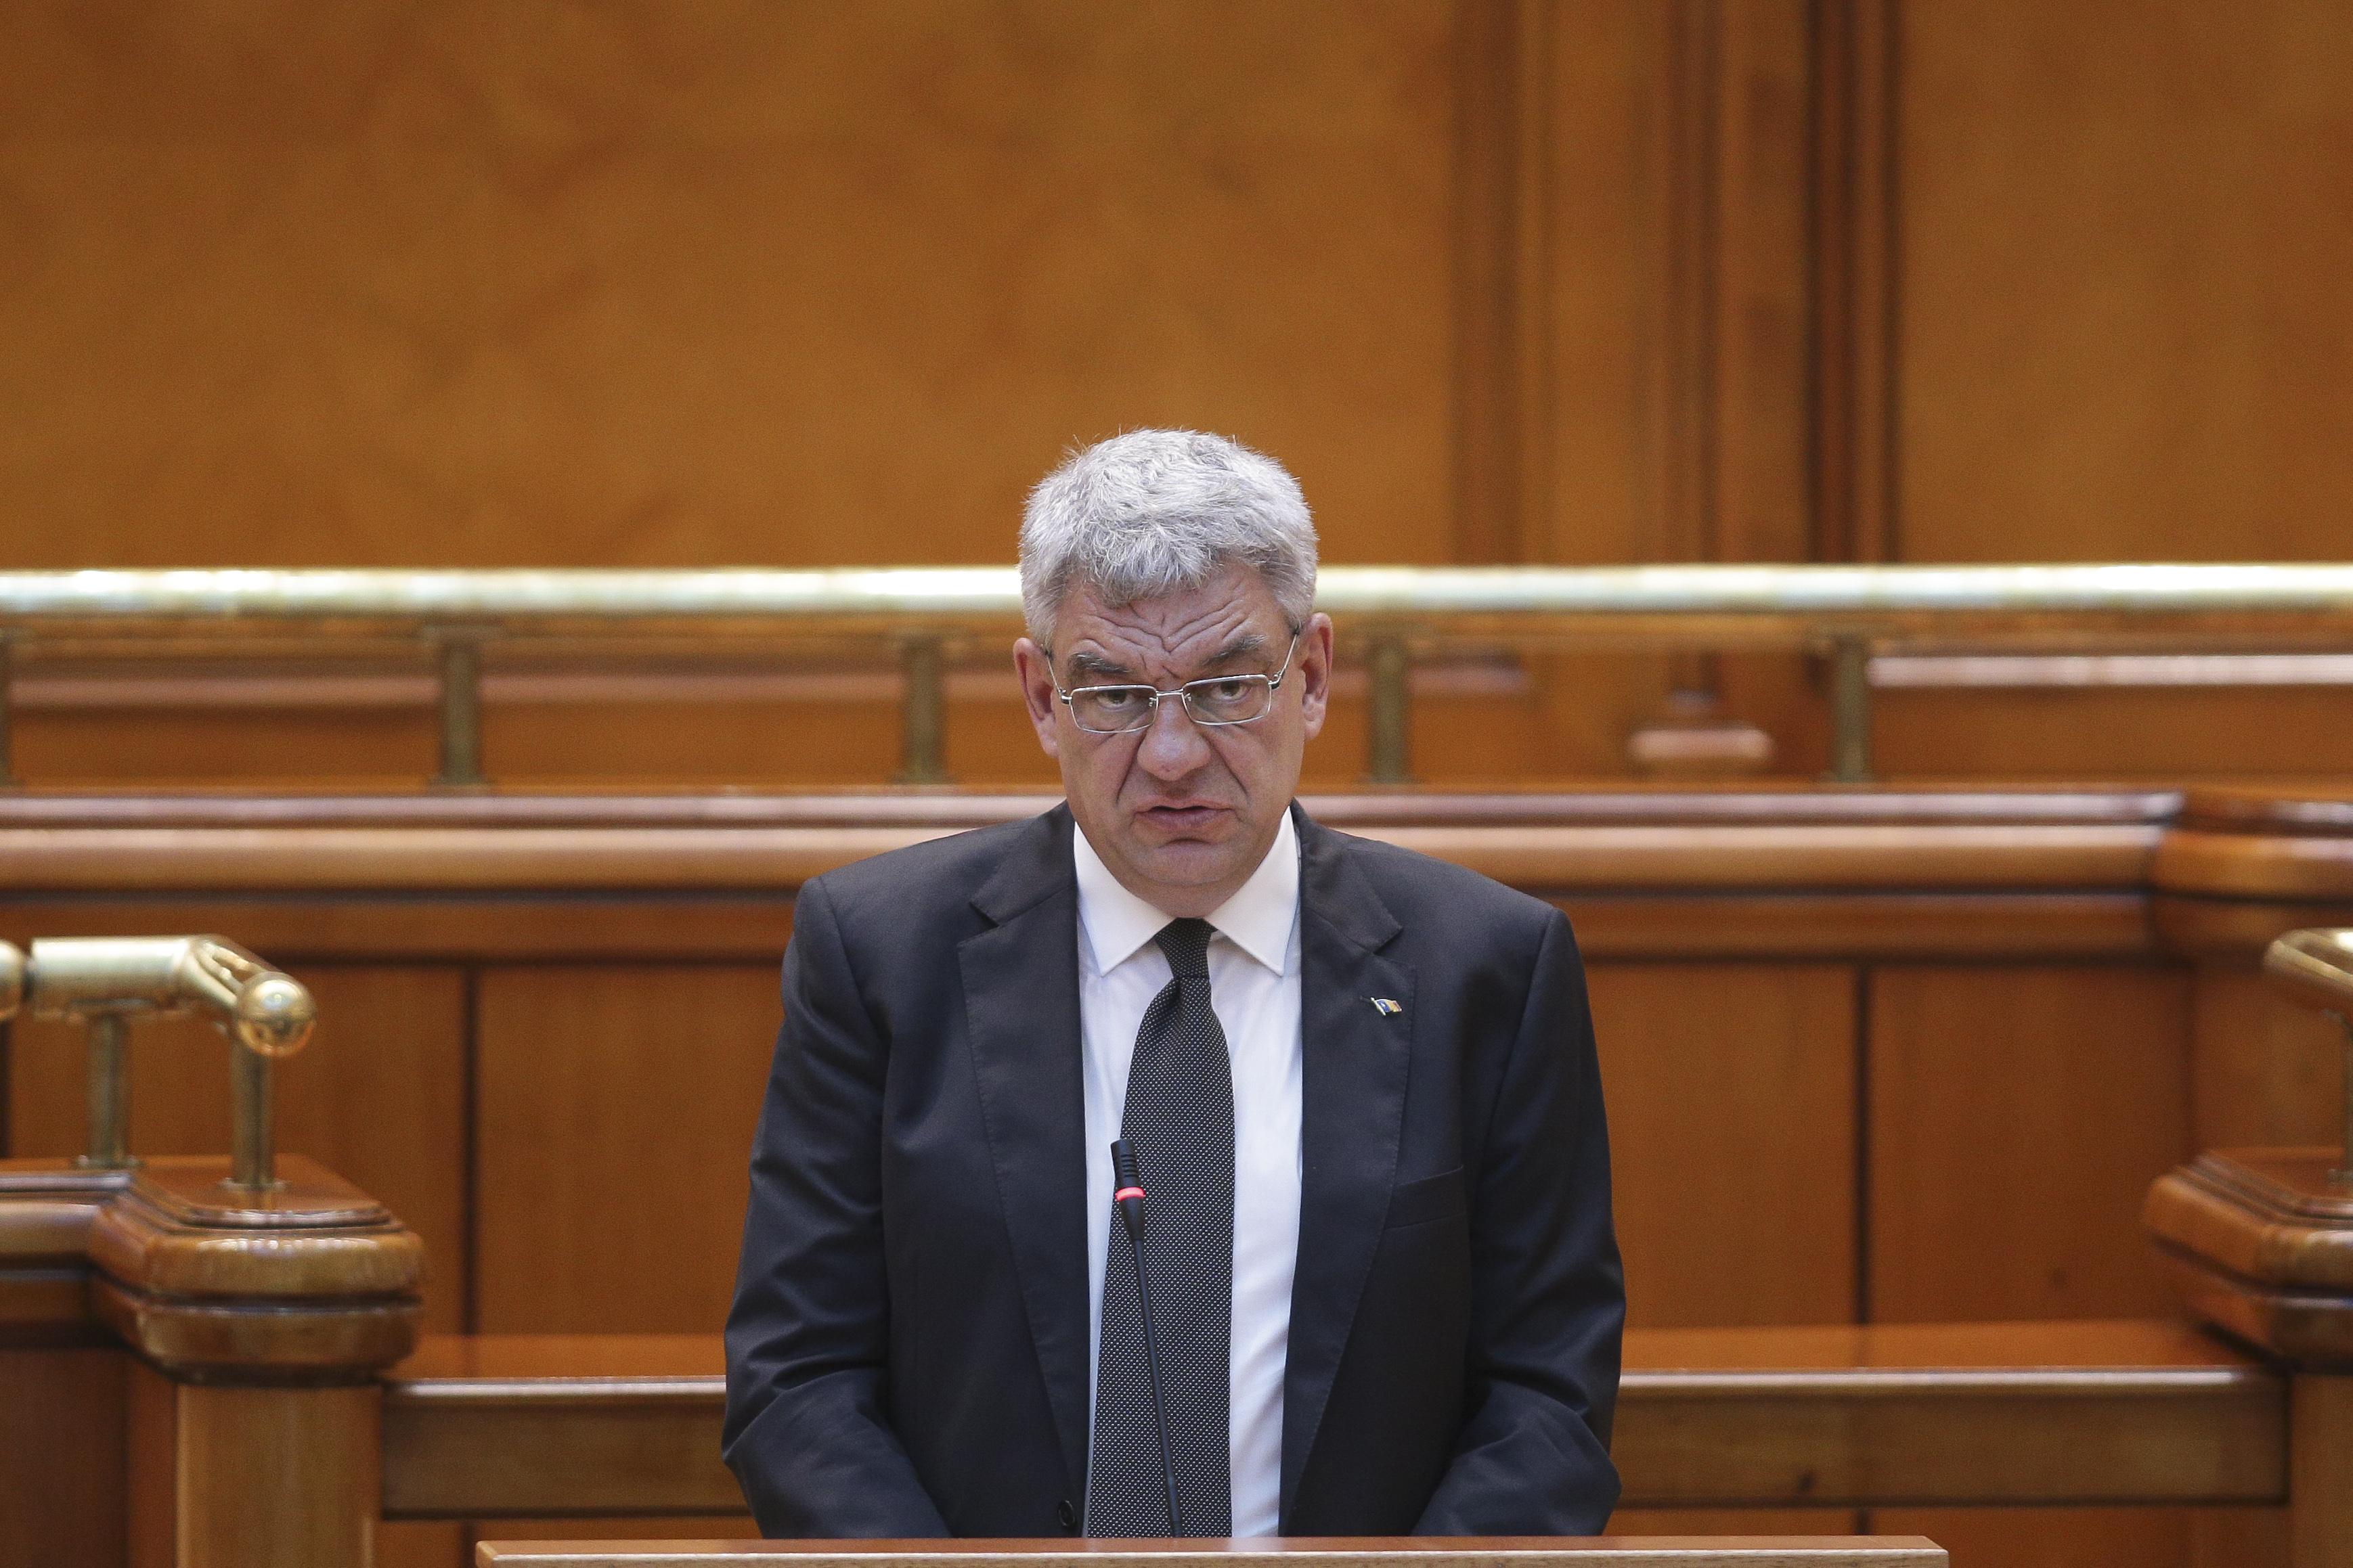 Magyarország határozatlan ideig felfüggeszti Románia OECD-tagságának támogatását